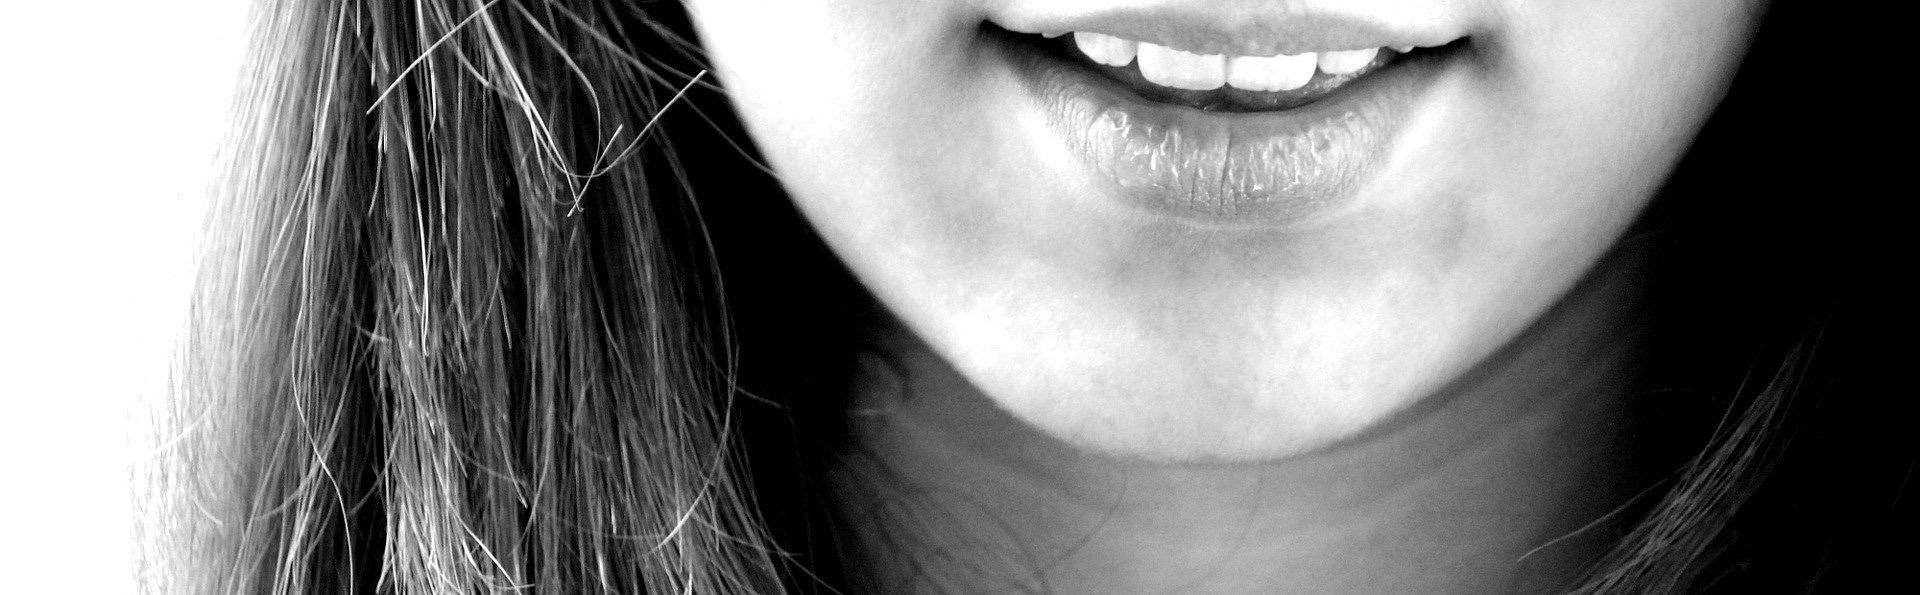 Dlaczego mam białe plamy na zębach